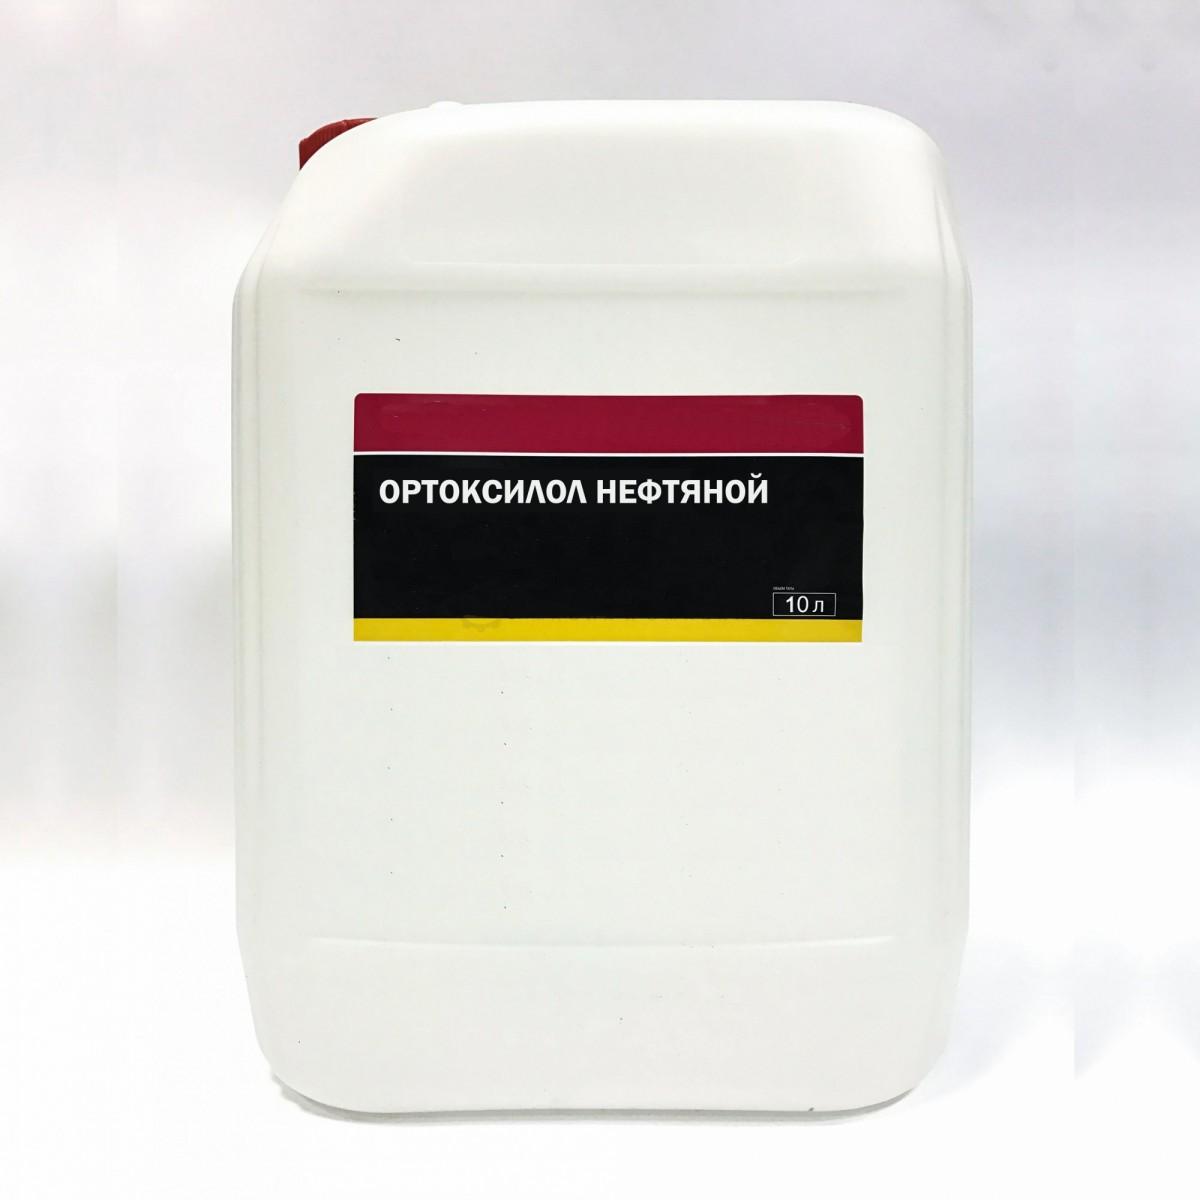 Ортоксилол нефтяной 10л